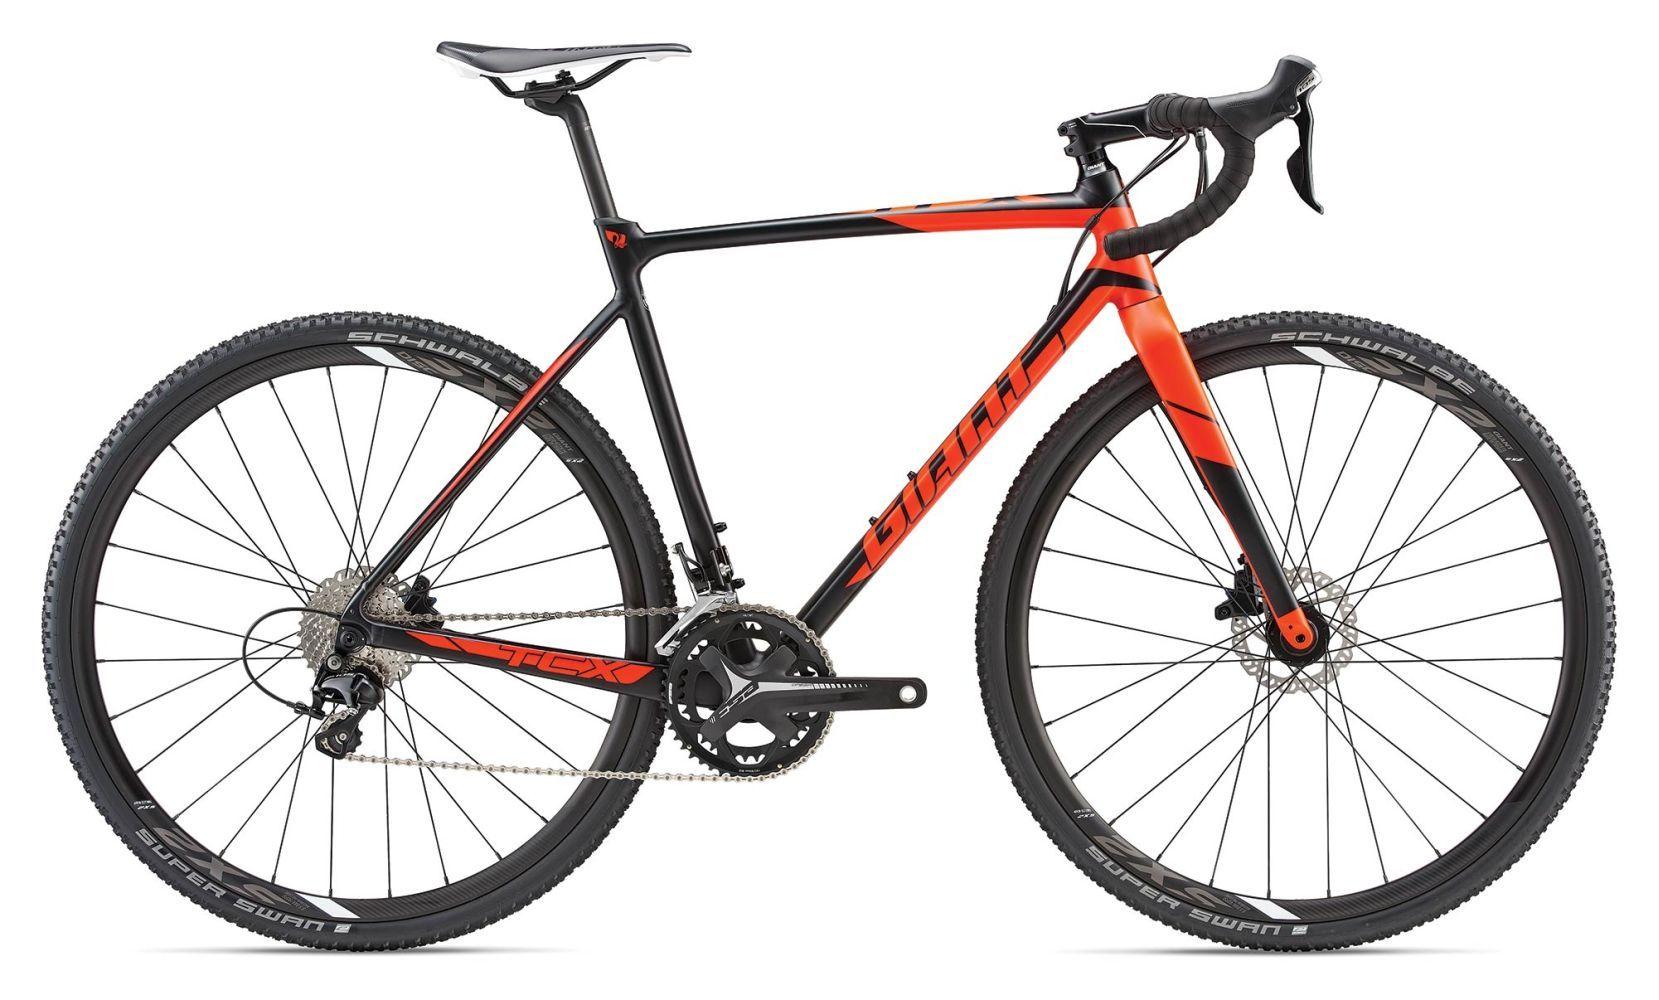 TCX SLR 2 | Rower | Pinterest